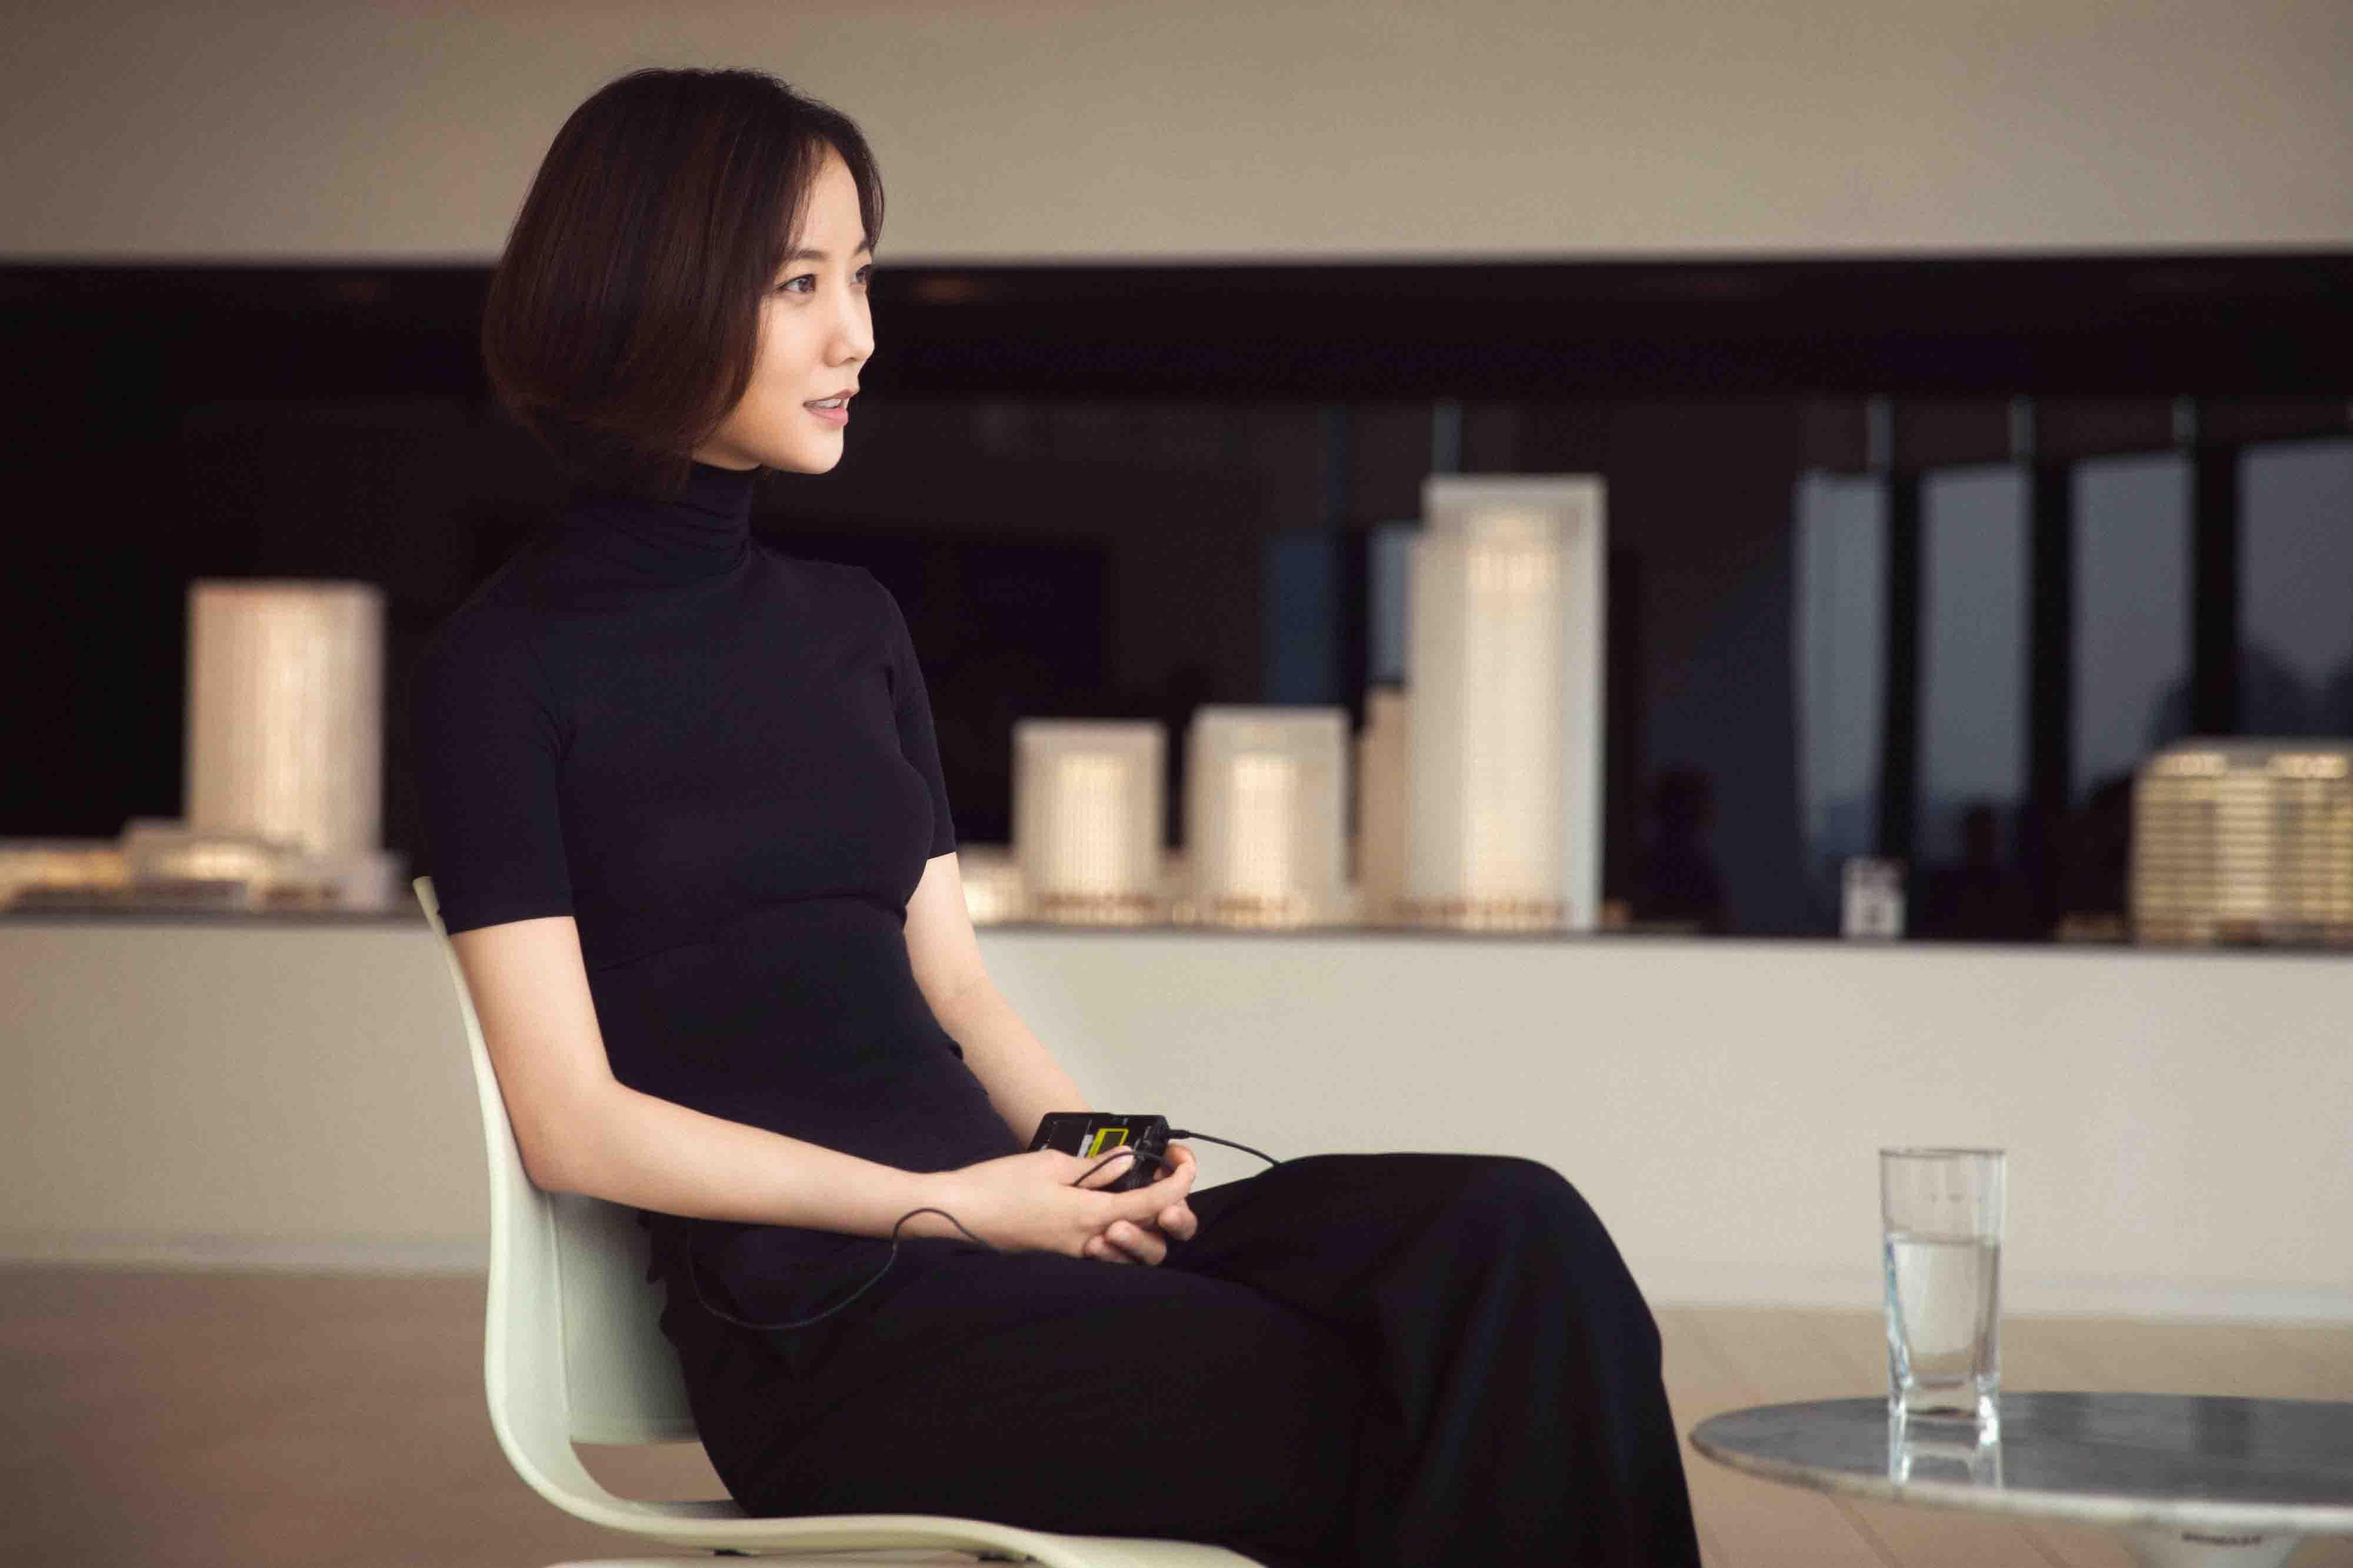 王珞丹转战制片推出视频节目  潘石屹马寅纷纷助